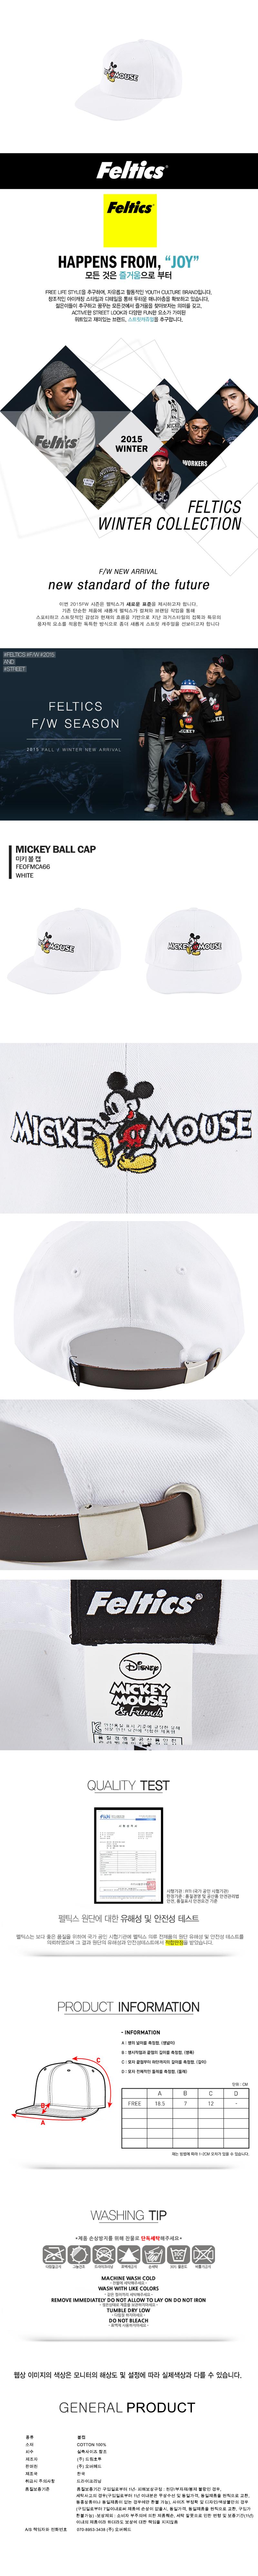 [ FELTICS ] [FELTICS] Disney Mickey Ballcap White (FEOFMCA66)